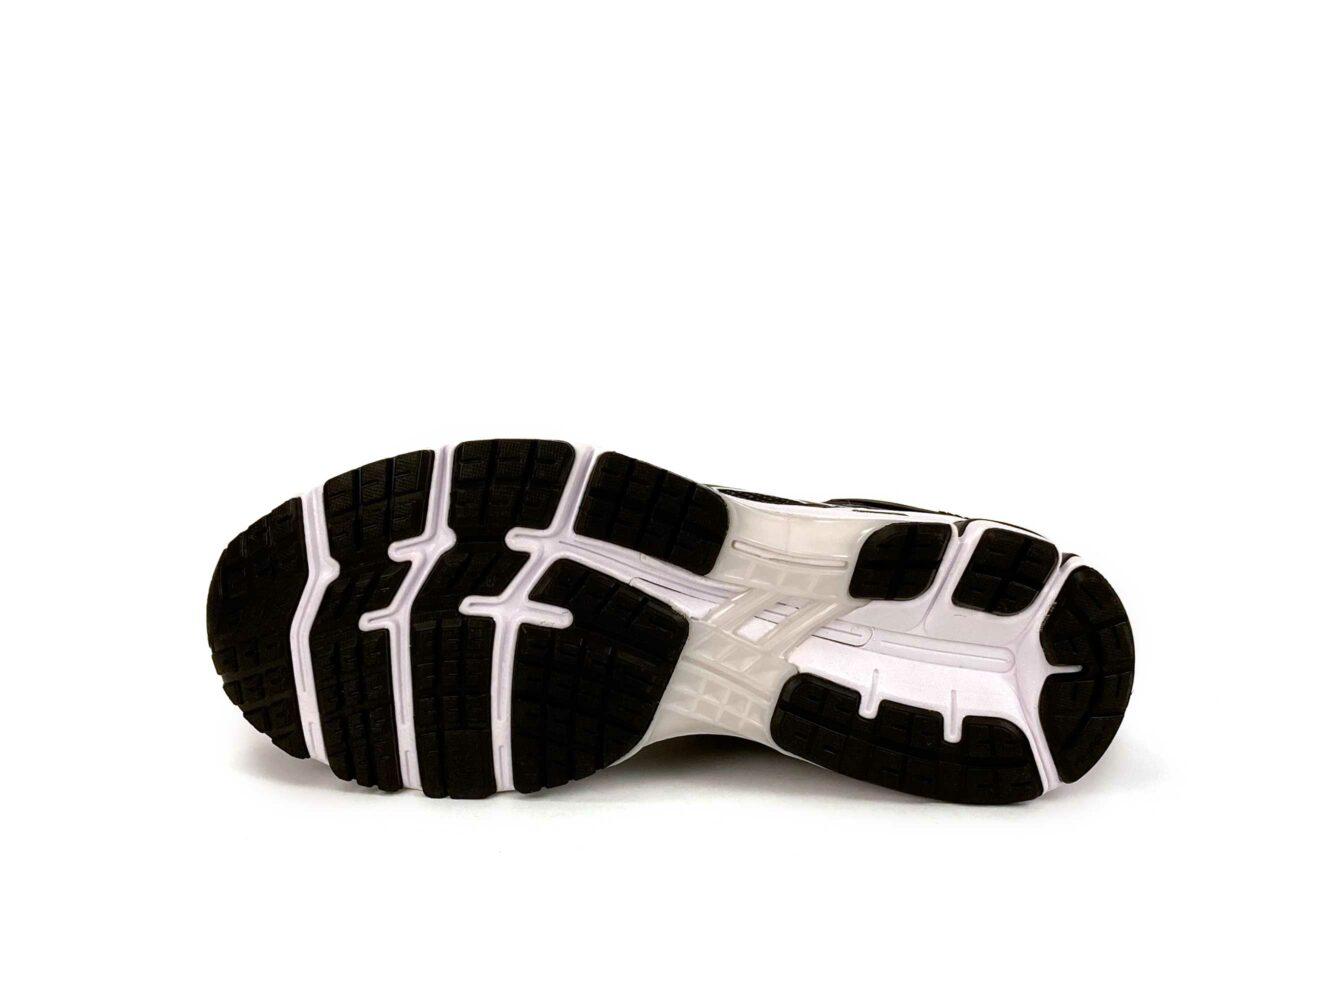 asics gel kayano 26 black white 1011A541 купить